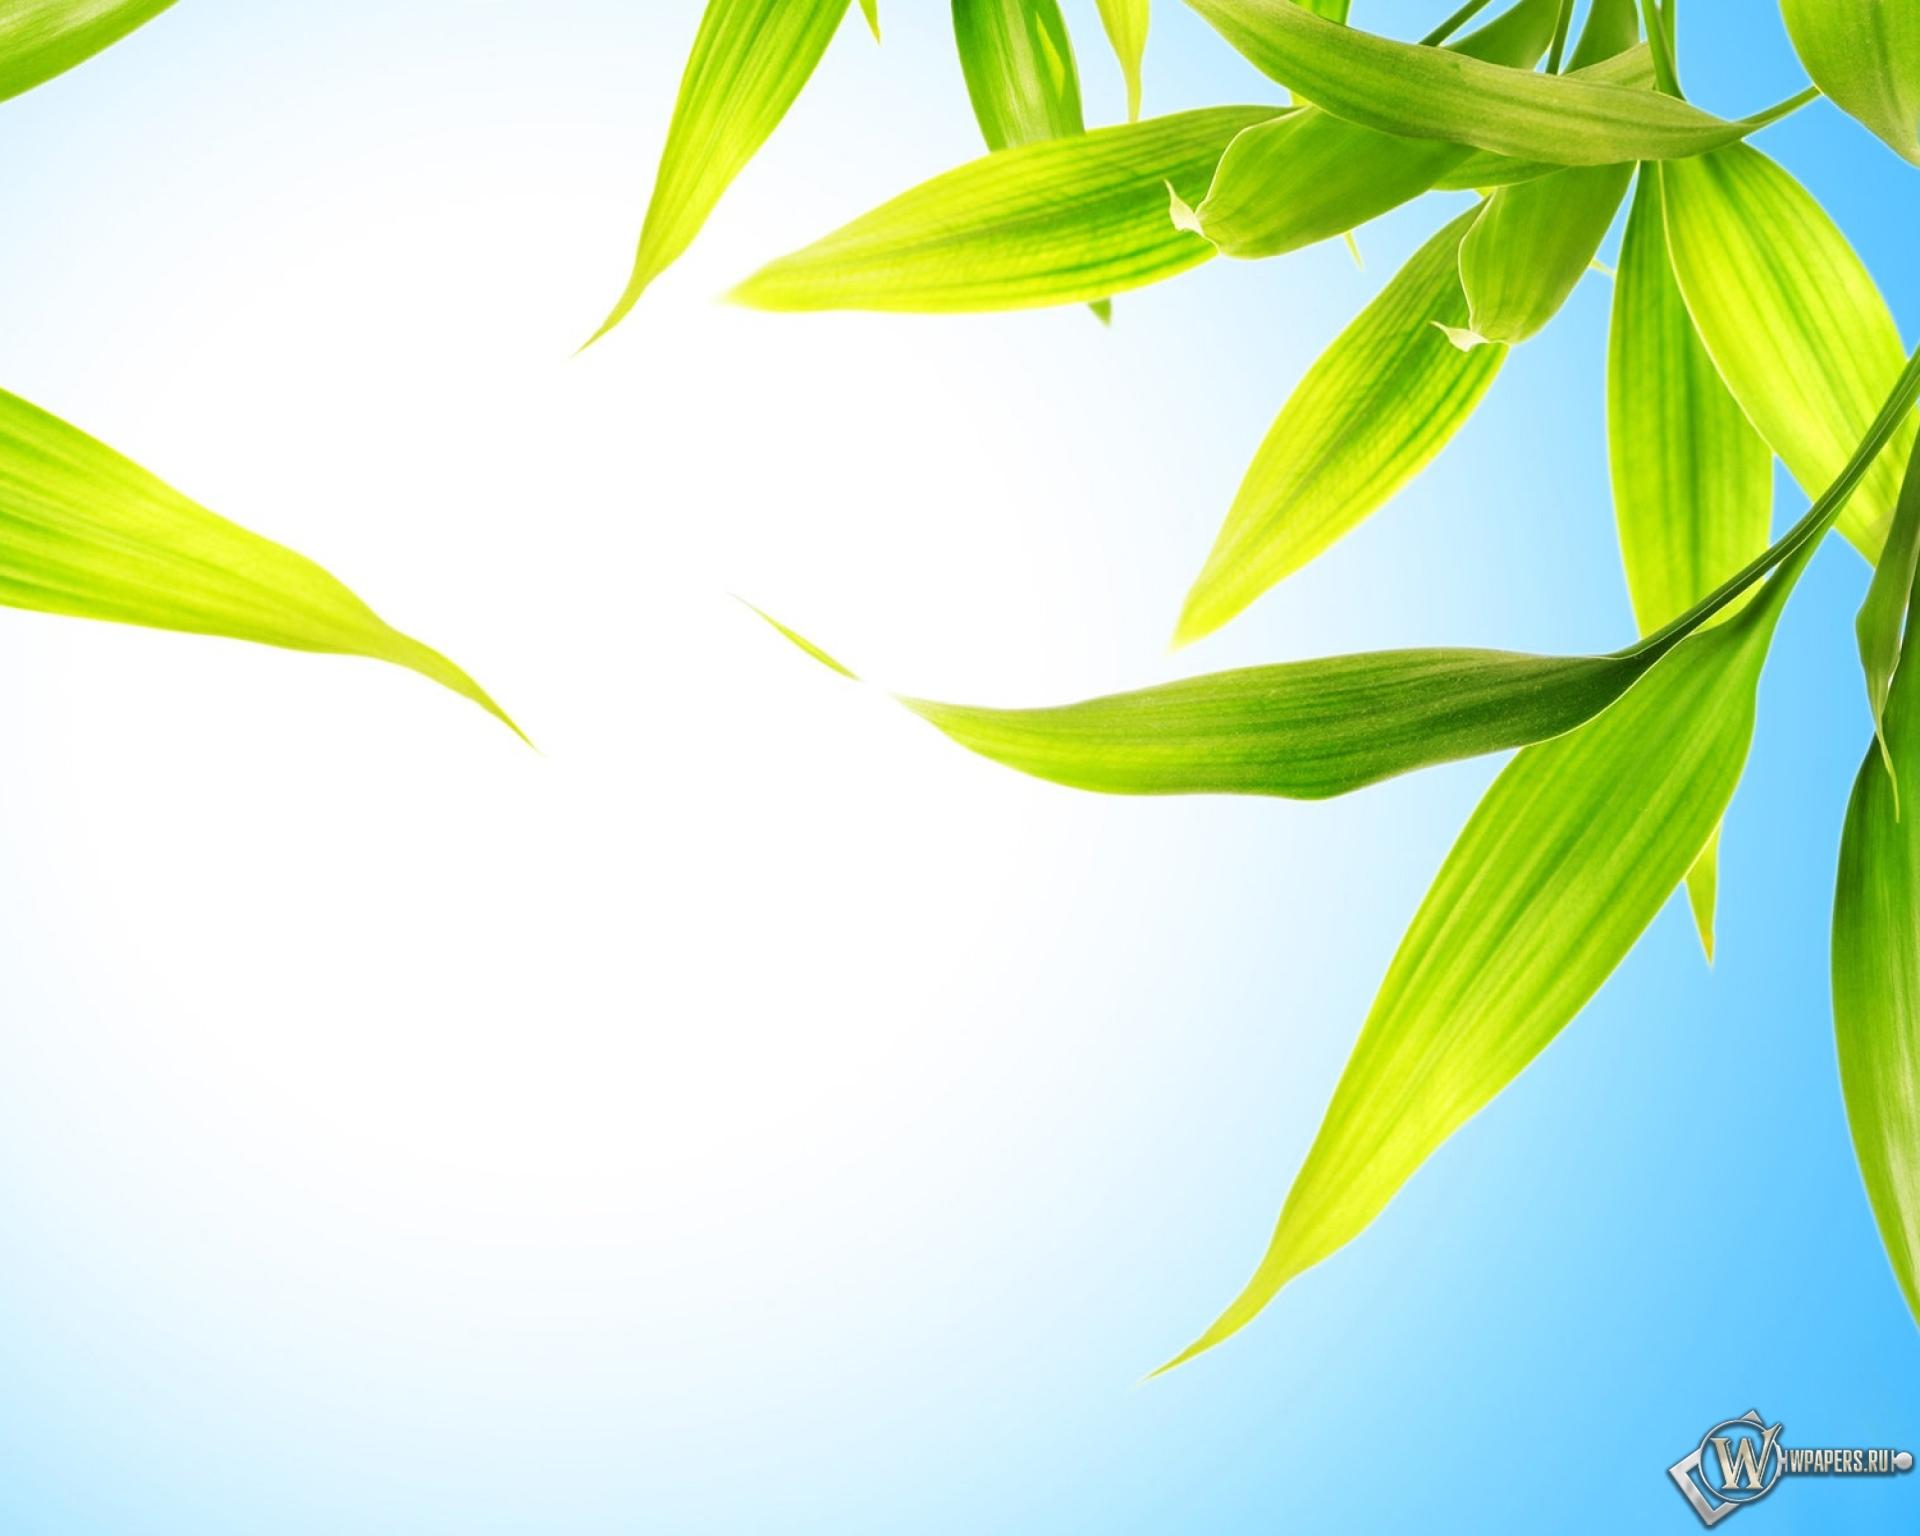 Желто-зеленые листки  № 3114813 бесплатно